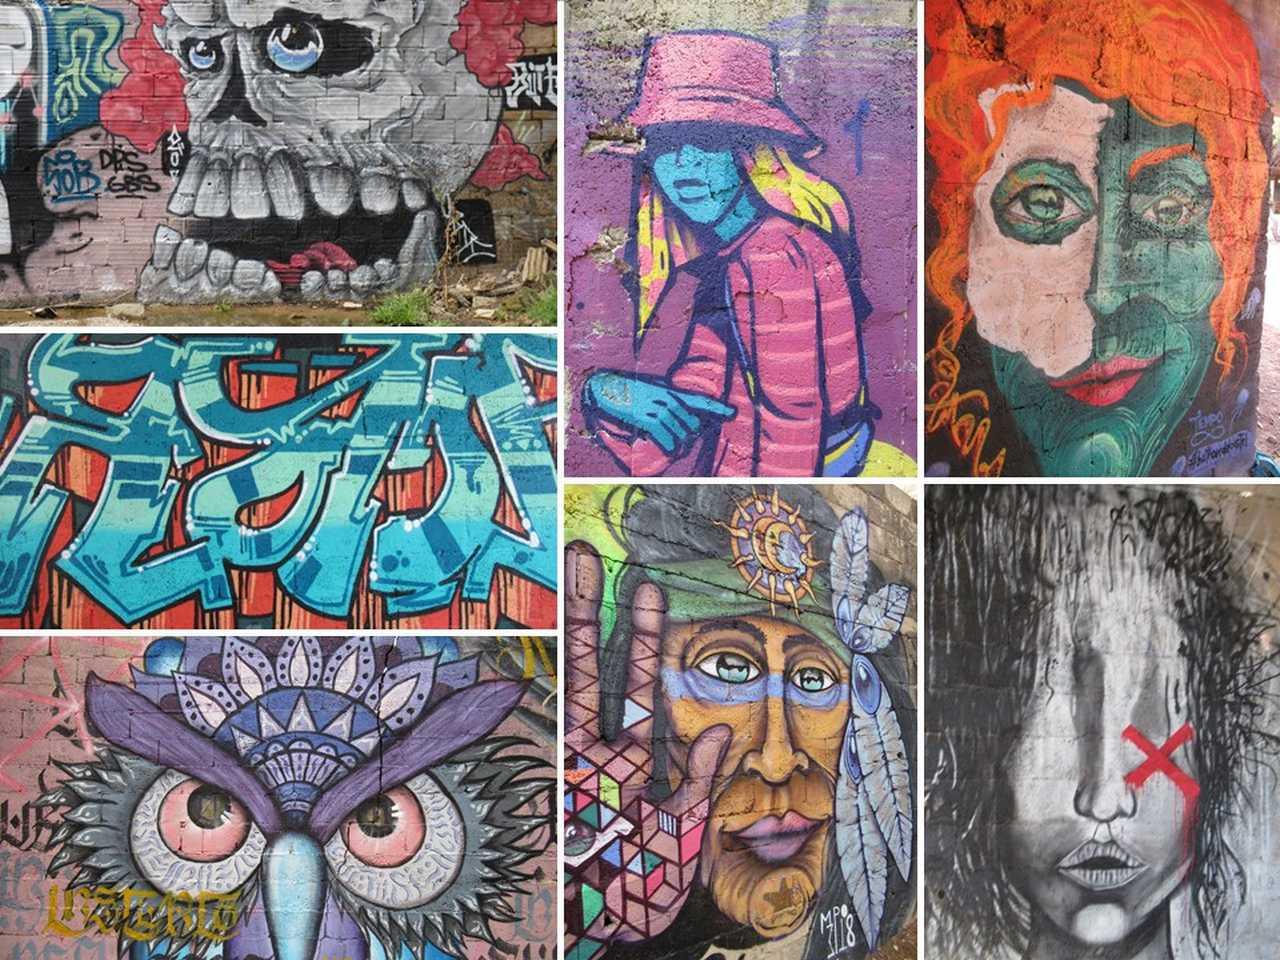 Amazing graffiti covers every surface.